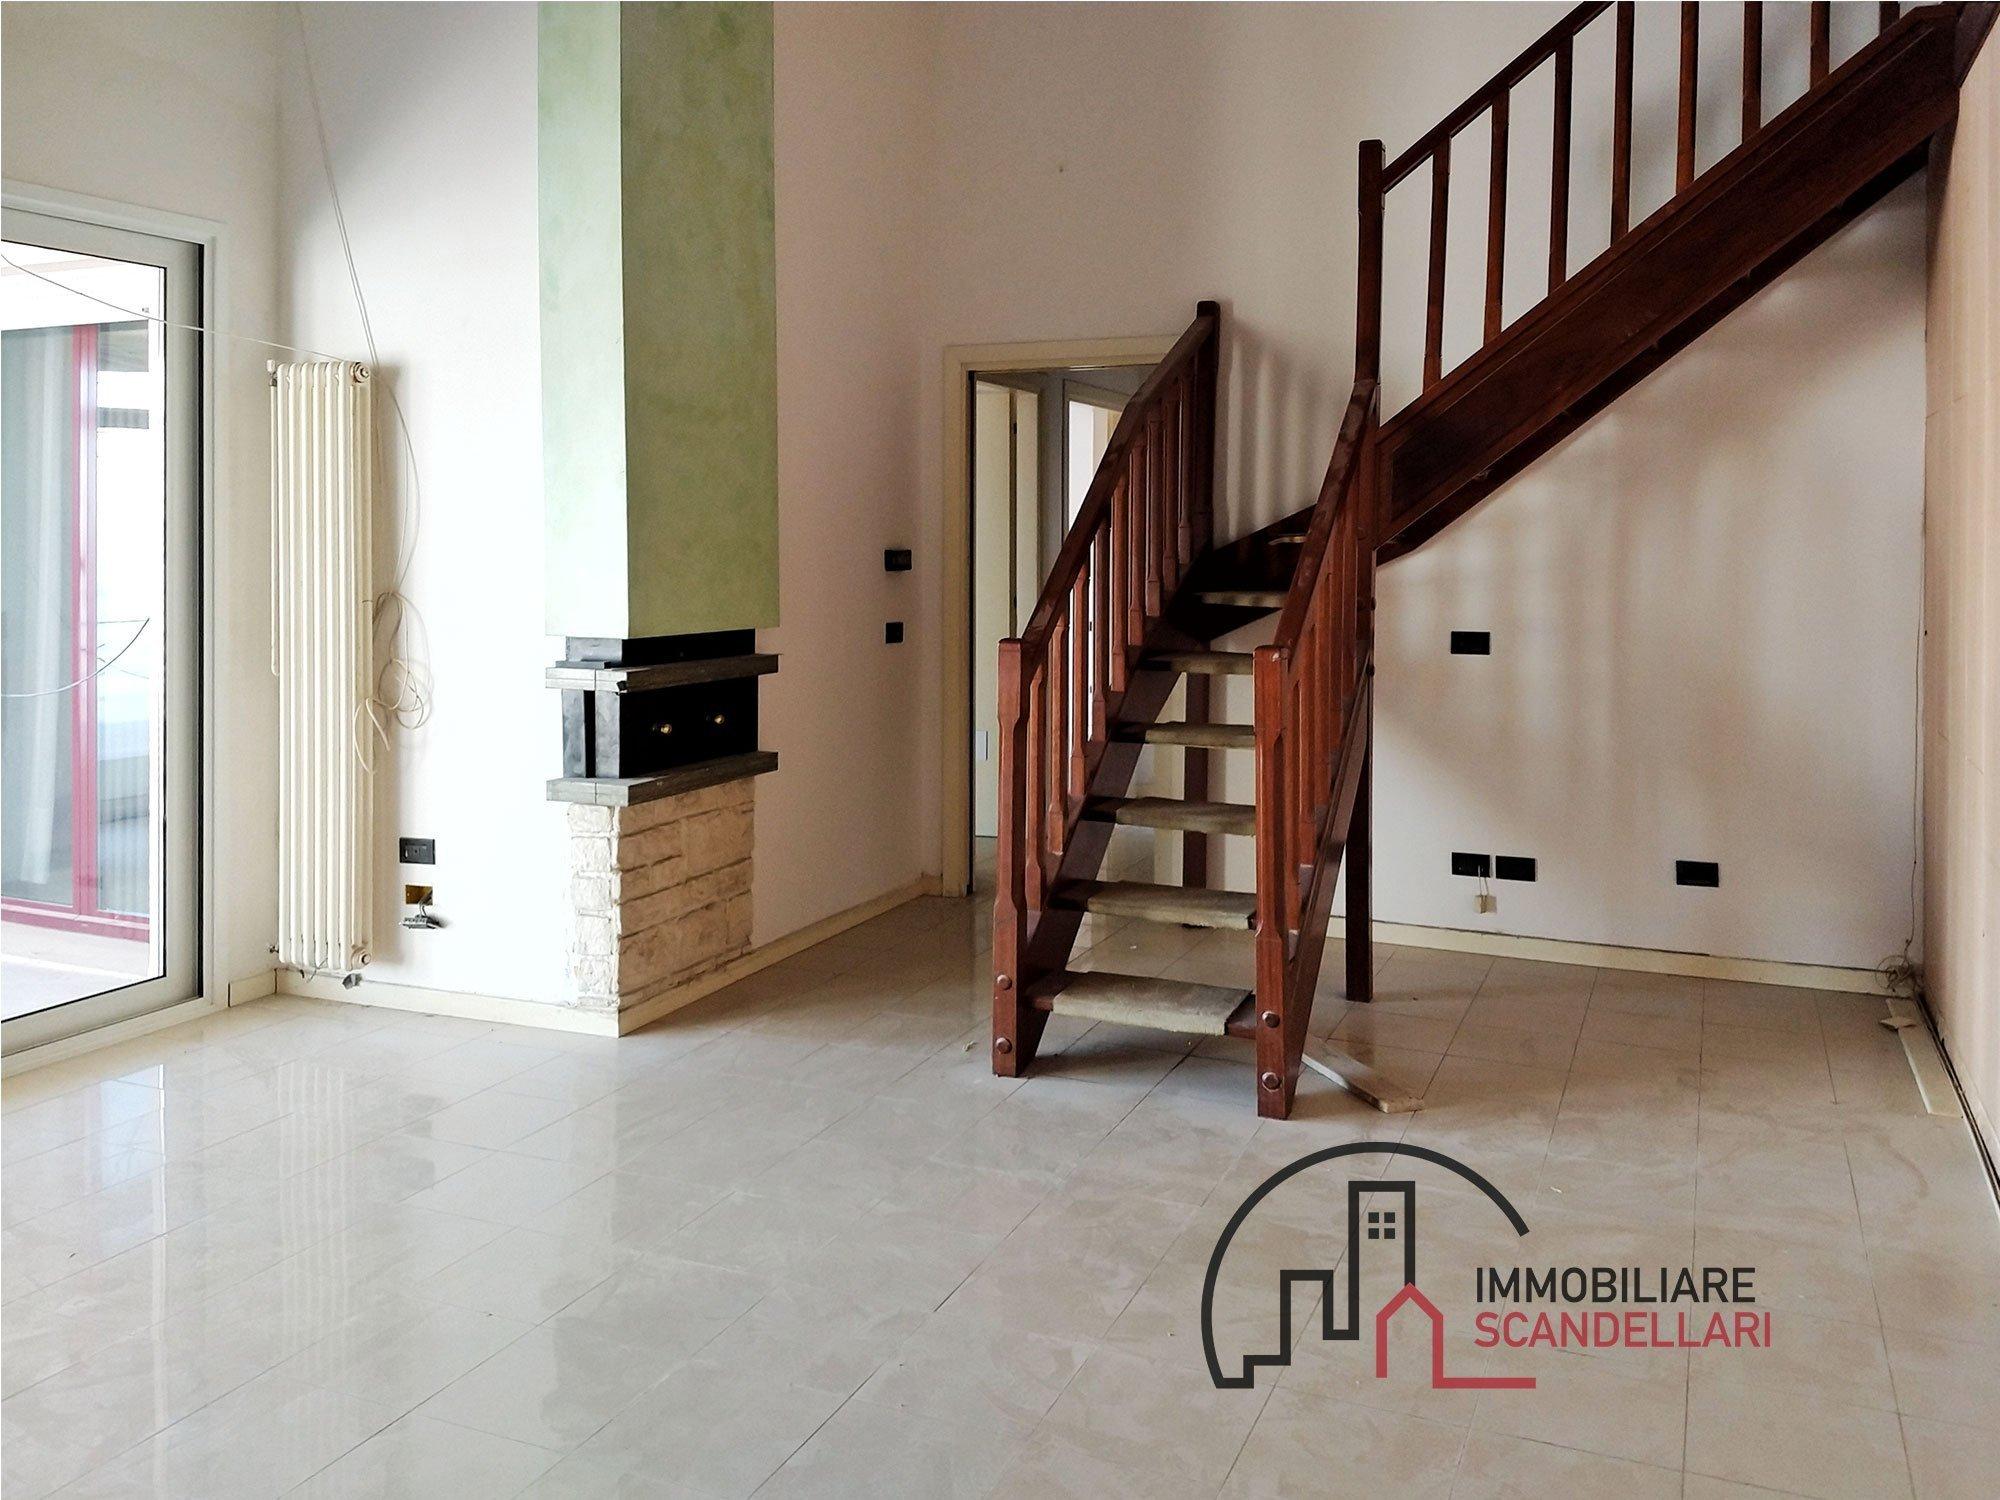 Rimini - Torre Pedrera - Attico con 4 camere e terrazzo - Immobiliare Scandellari